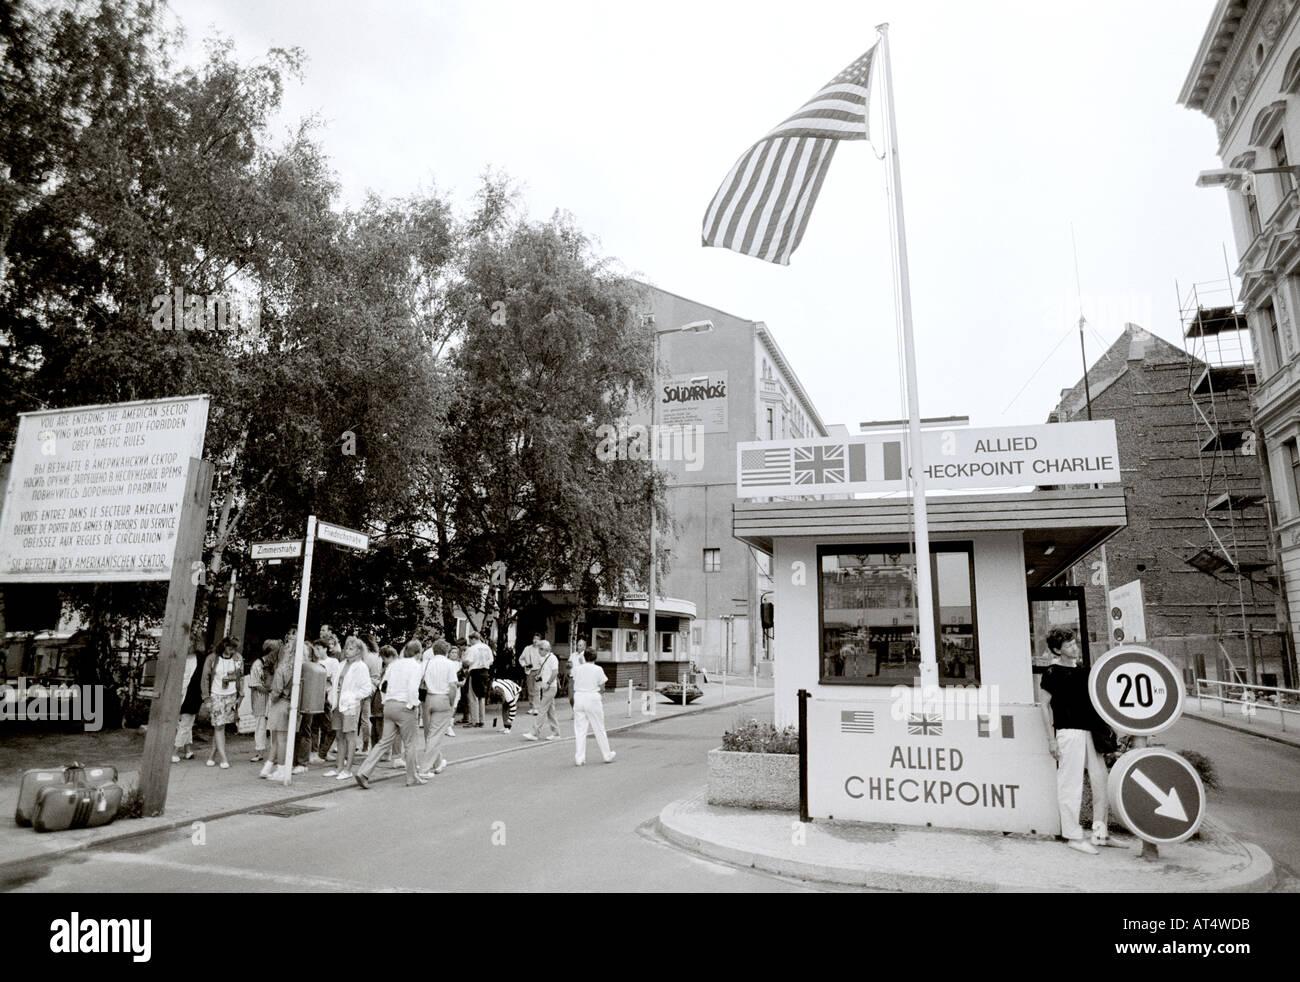 Guerra fredda il Checkpoint Charlie a Berlino Ovest in Germania in Europa. Reportage Storia storico storico Politica Cultura Travel Immagini Stock